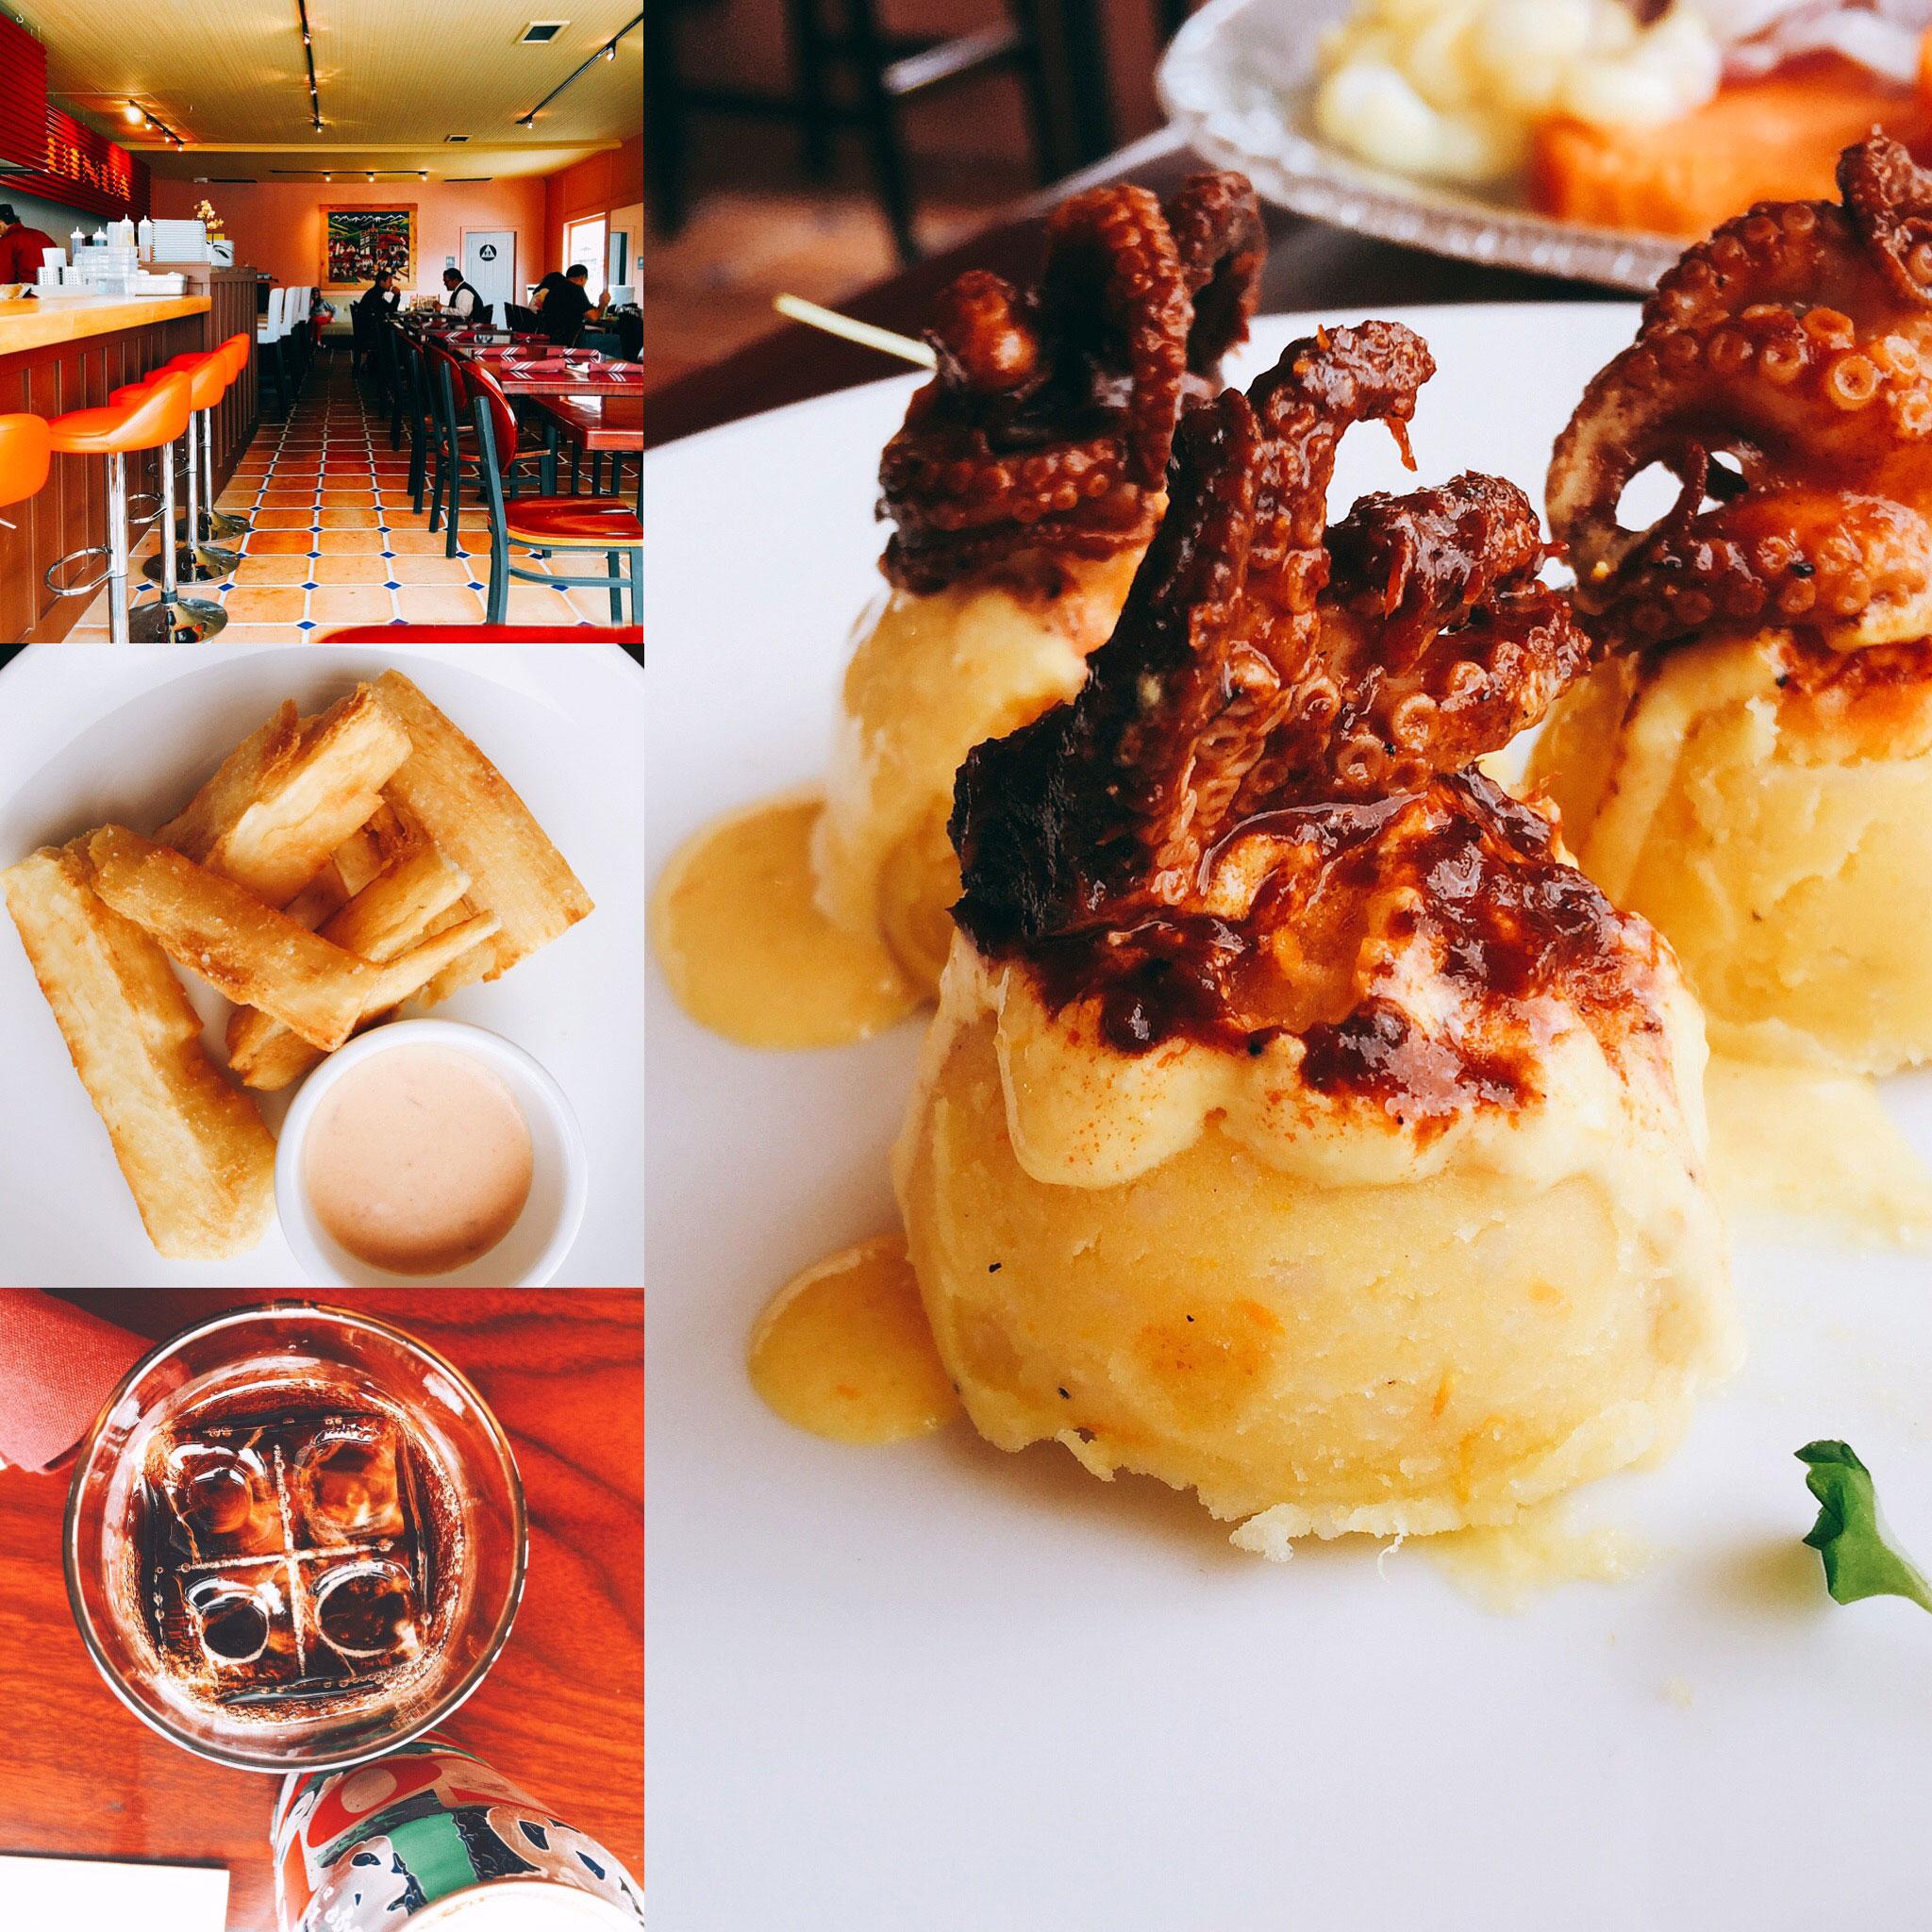 Quinua cocina new petaluma peruvian restaurant for Food bar petaluma